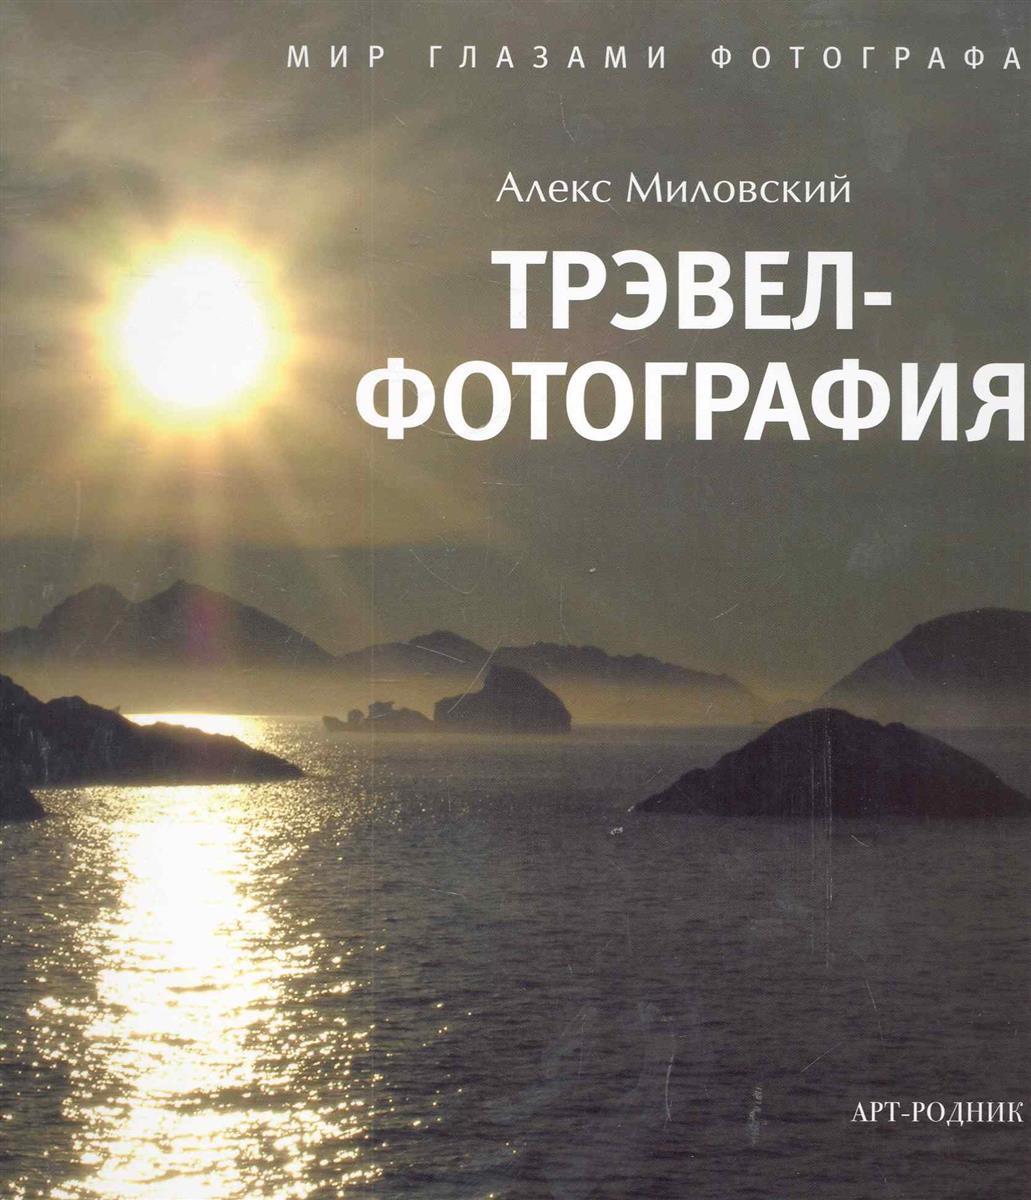 Миловский А. Трэвел-фотография